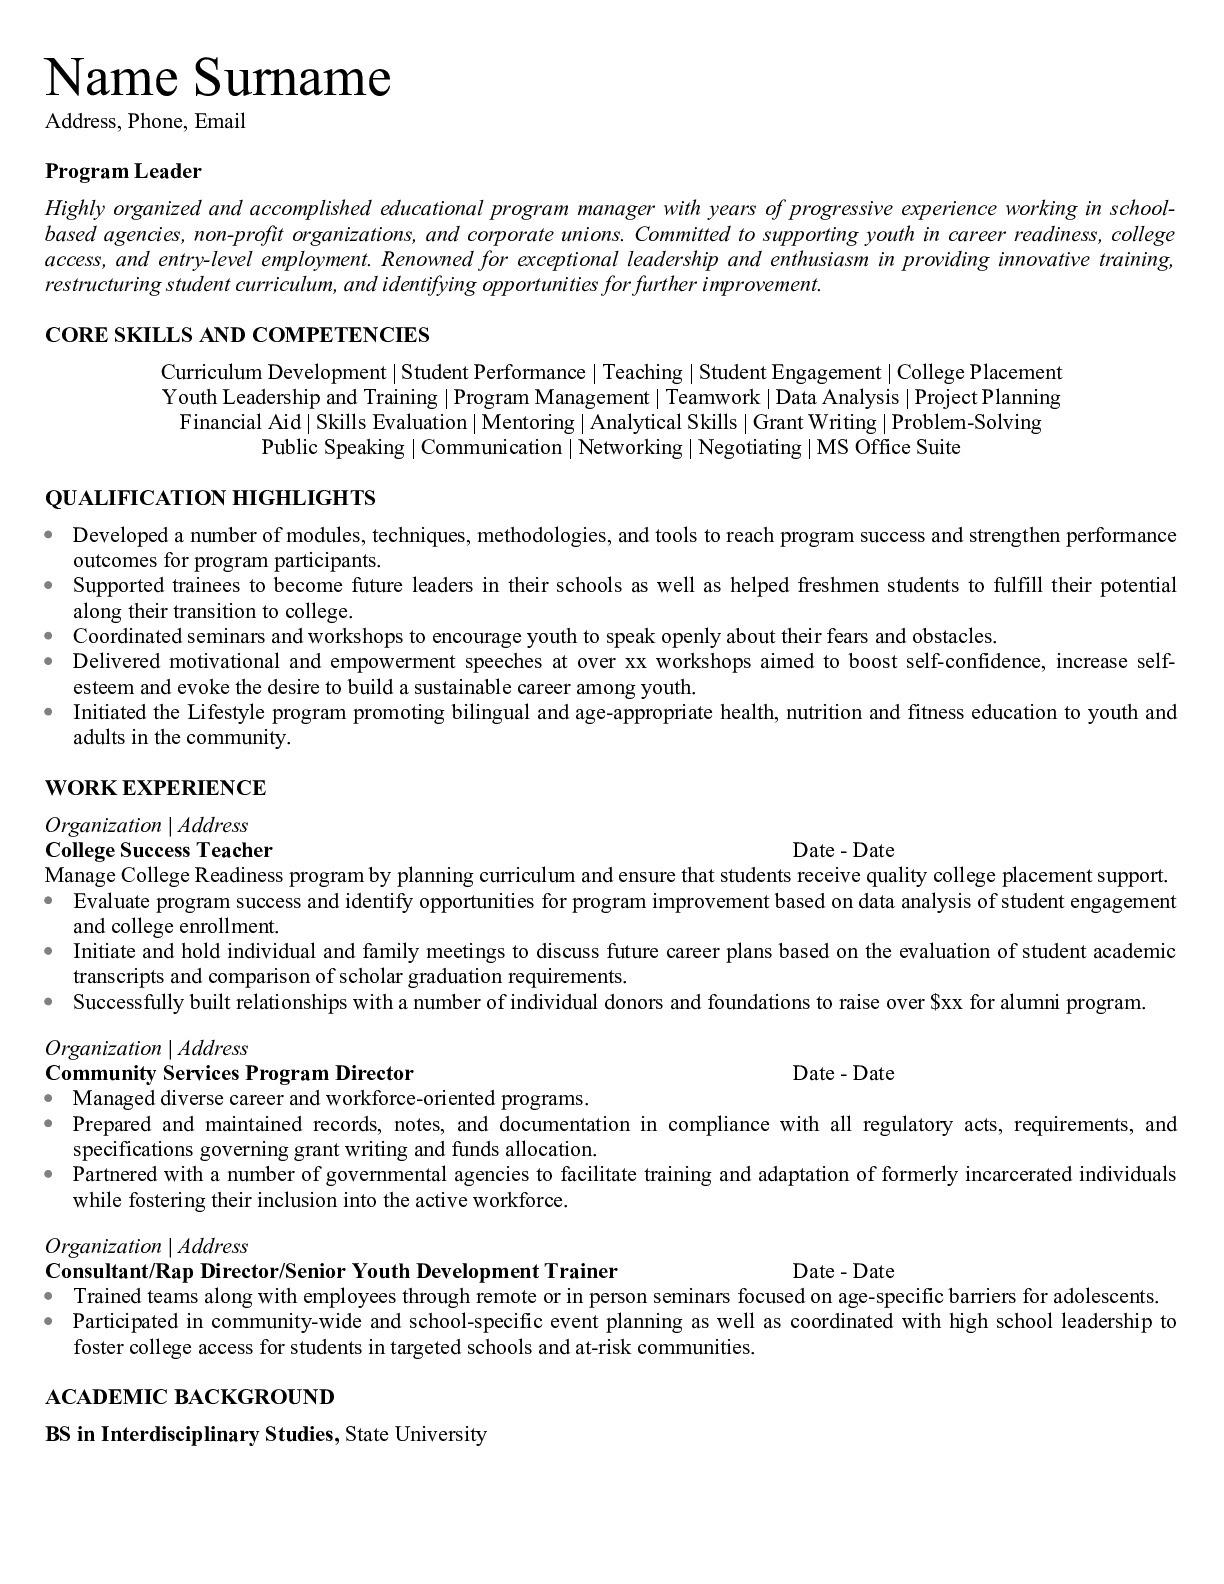 Resume for Educaltional Program Leader